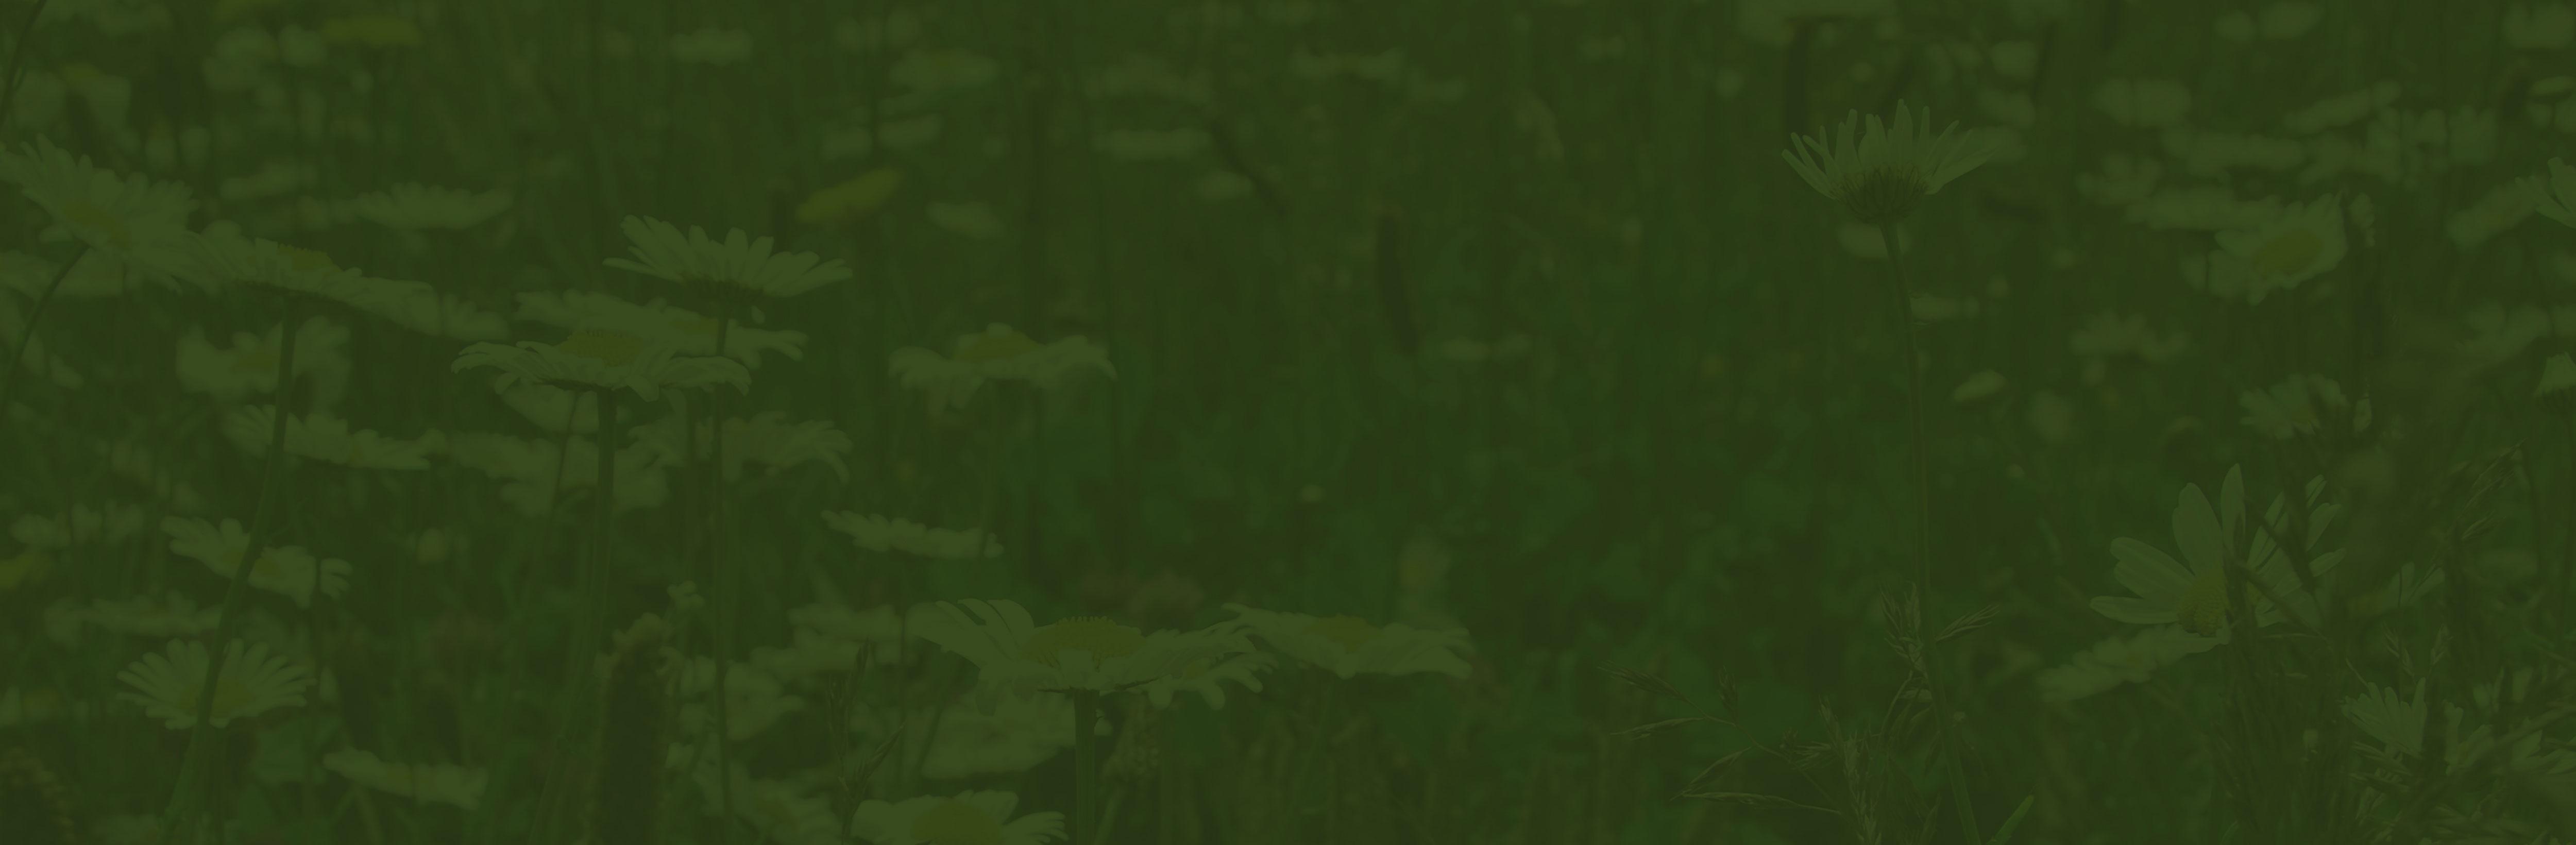 Vegetačné koberce | Skalničky – Byliny – MIX | Strešné substráty